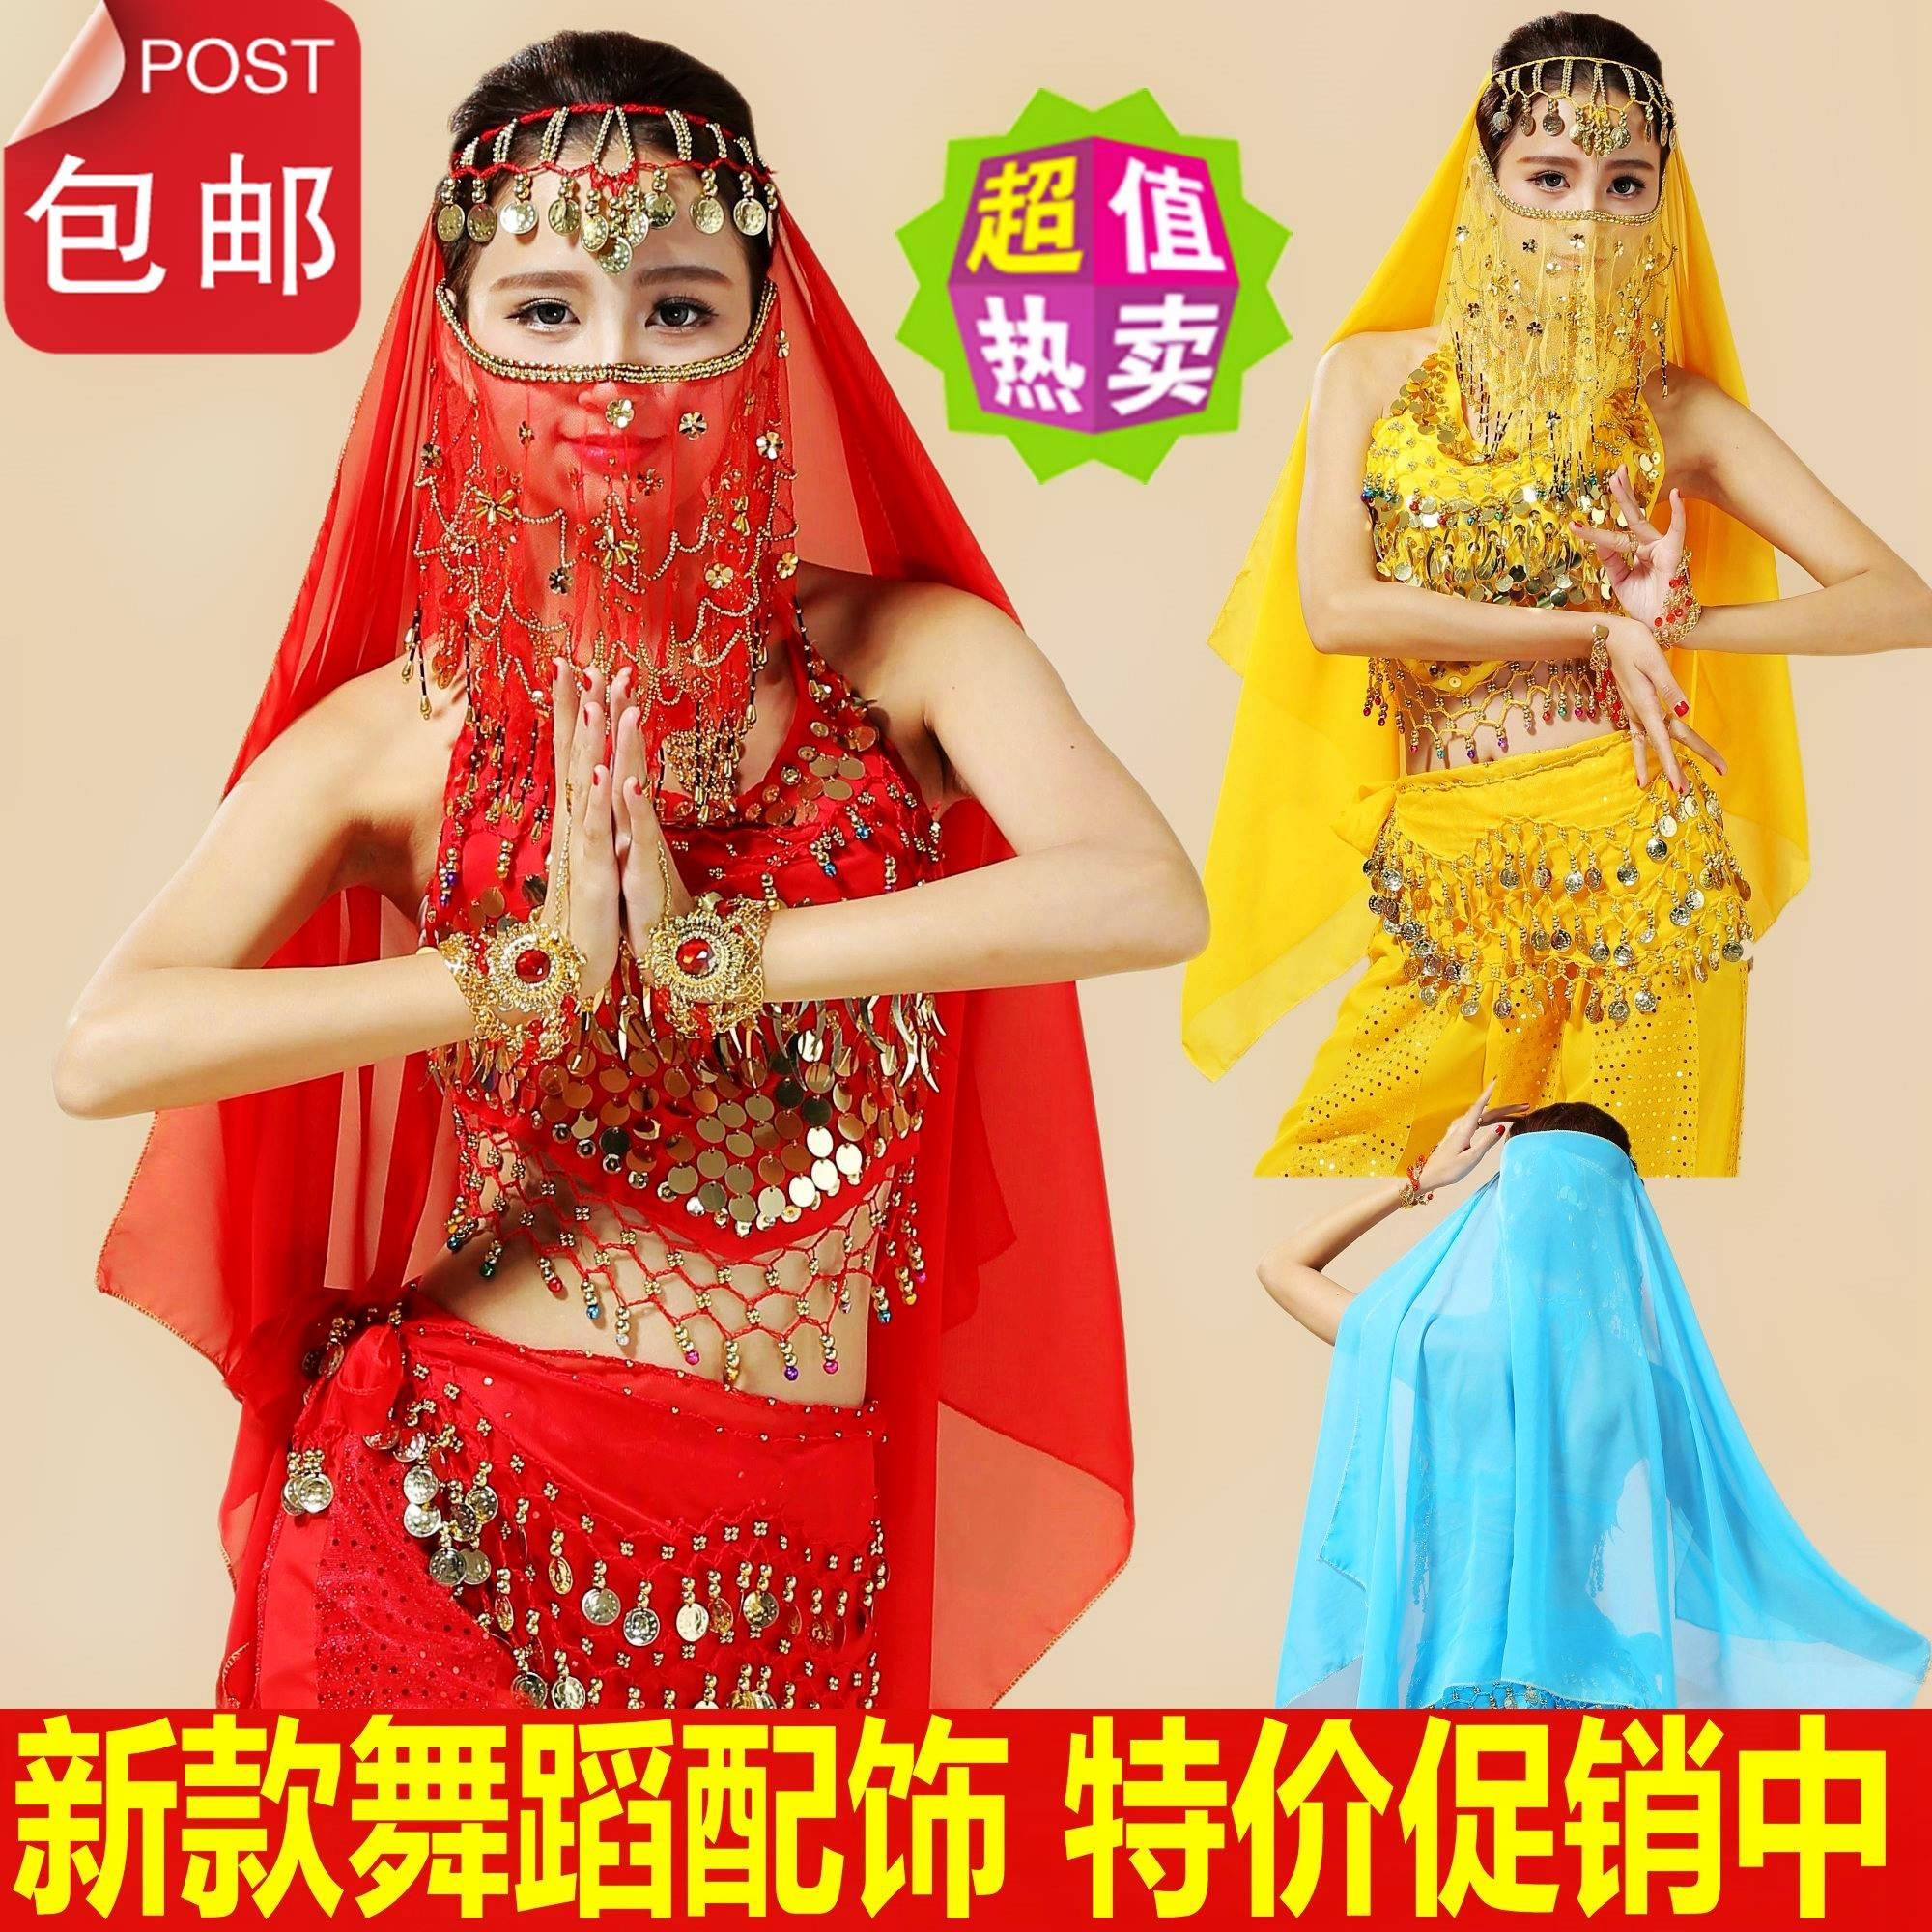 印度舞蹈演出配饰品上衣面纱手链头饰纱巾肚皮舞服装表演出服首饰